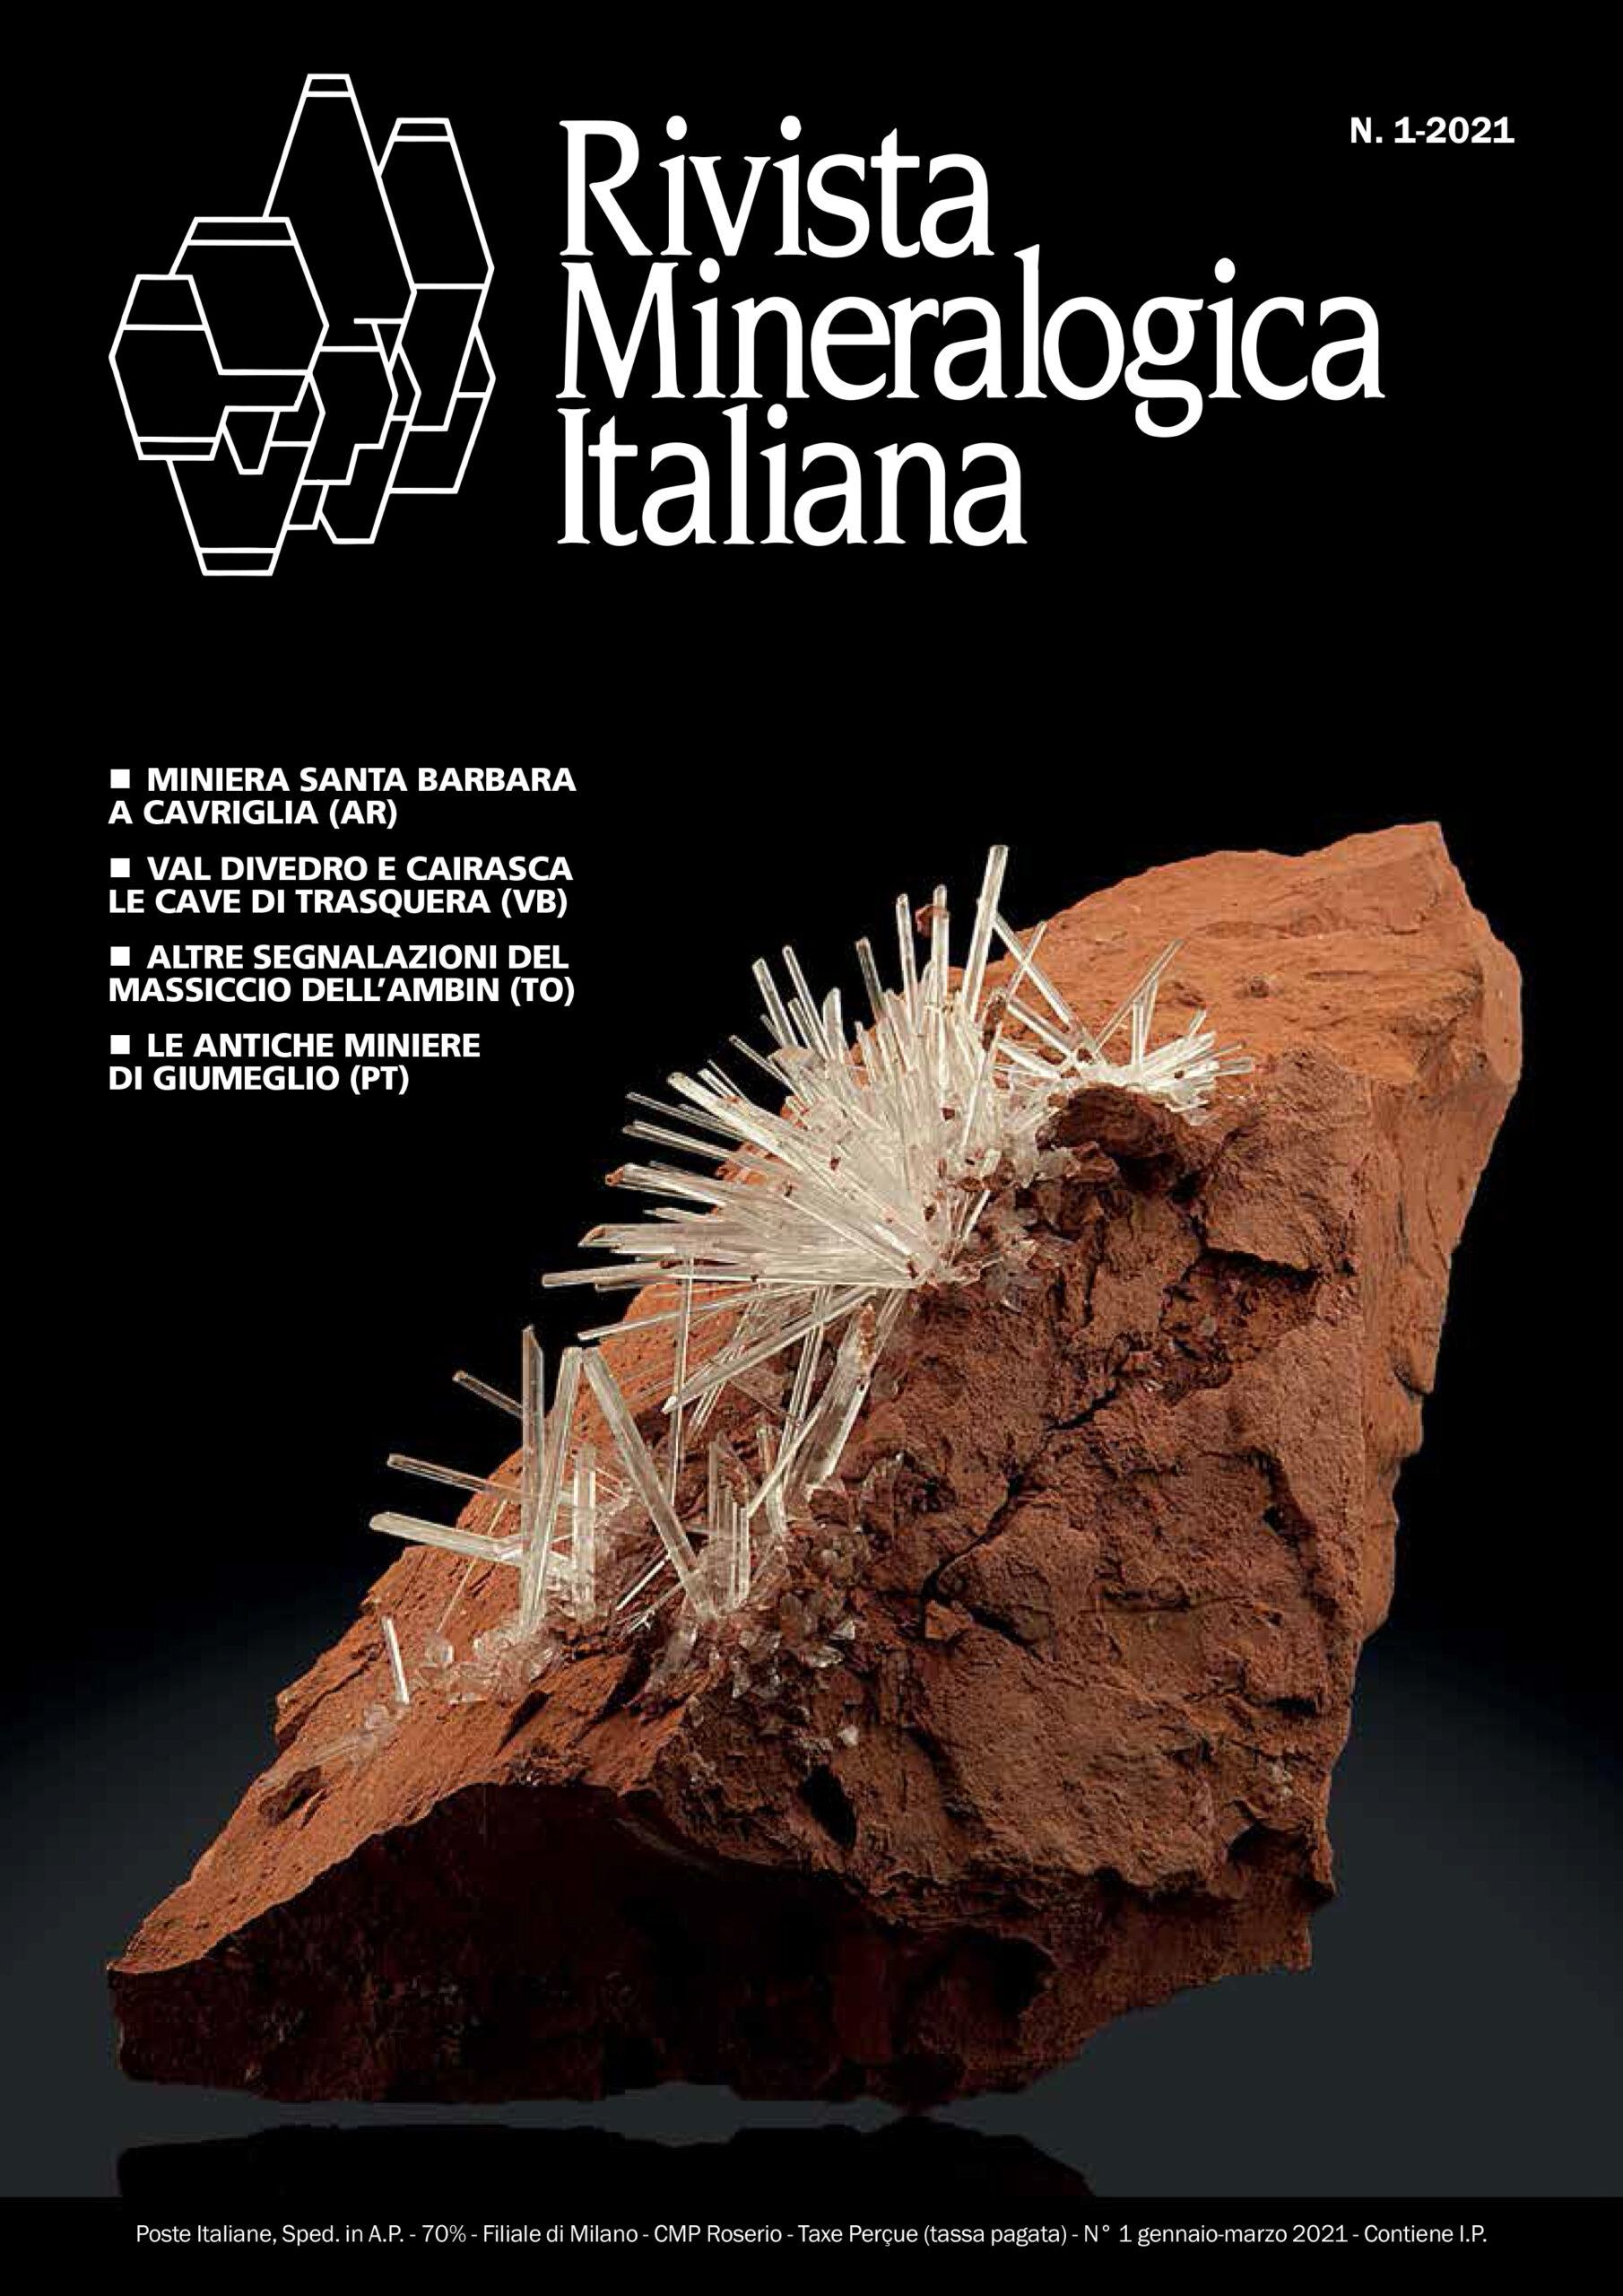 Articolo 3BMinerals Rivista Mineralogica Italiana Gypsum